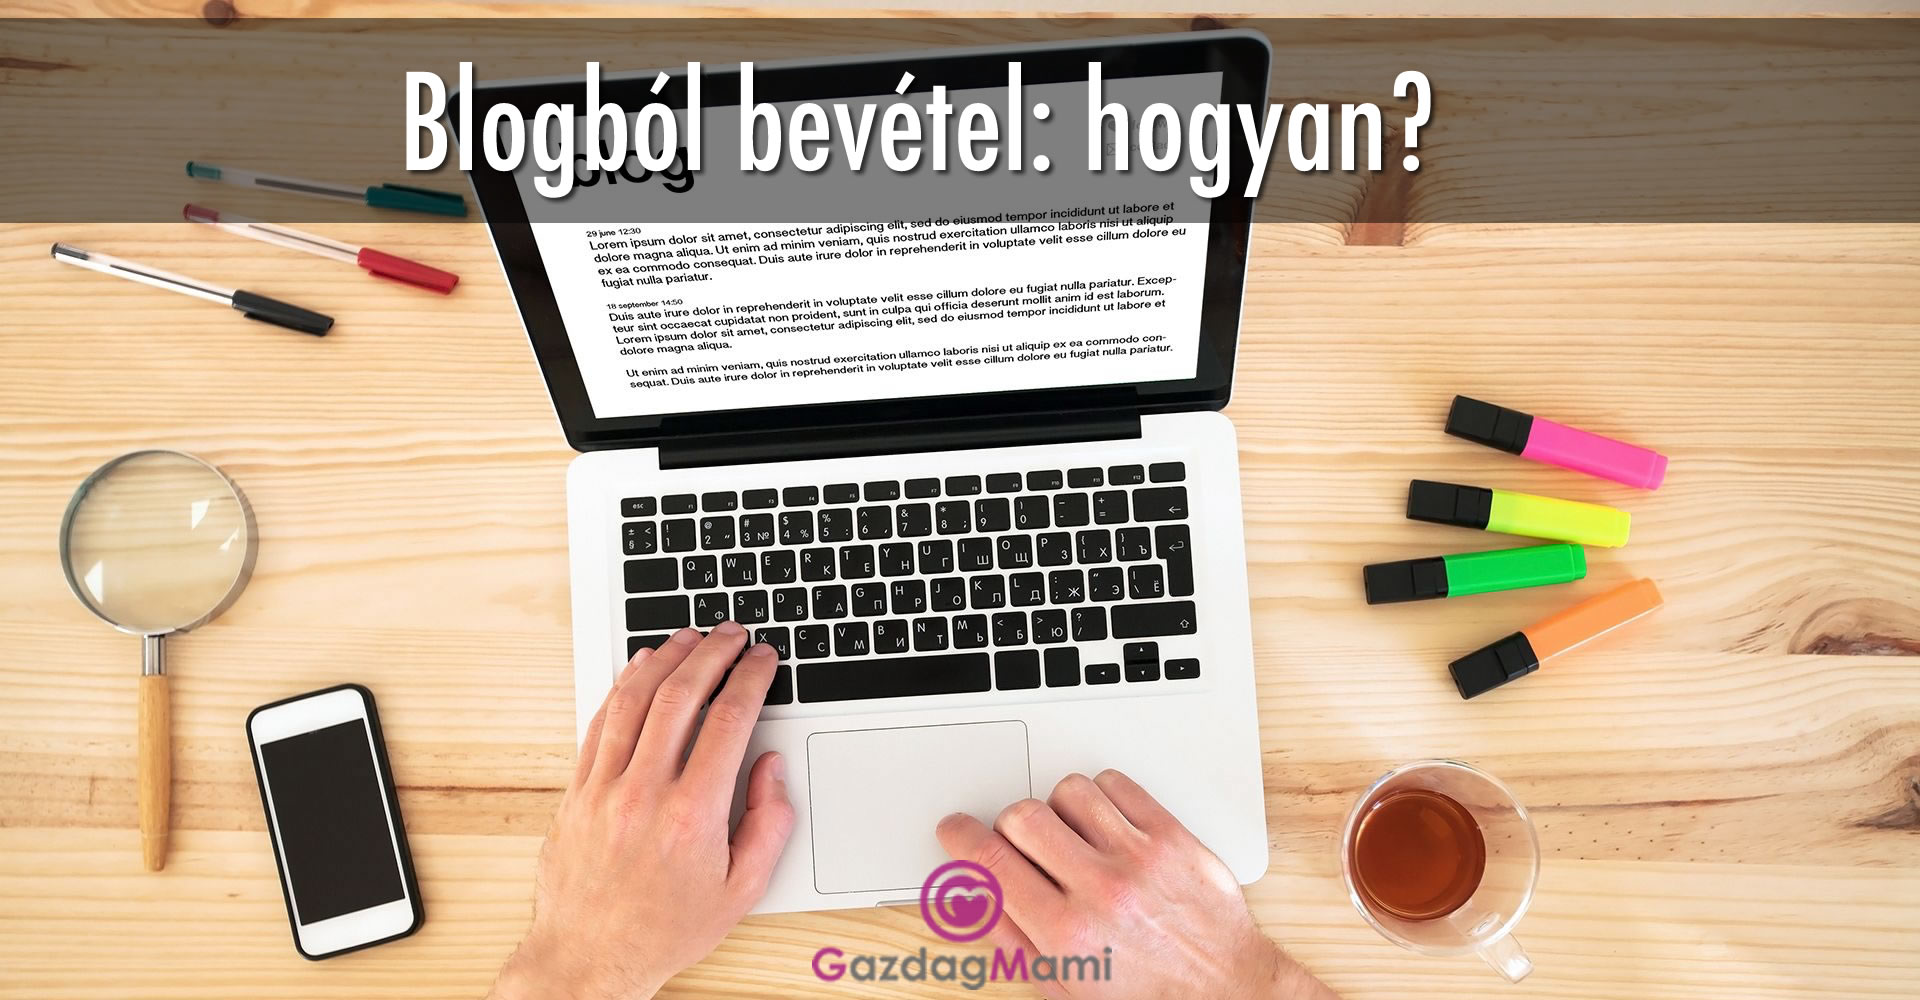 Szokott neten árulni? Így kell adóznia! - kosarsuli.hu